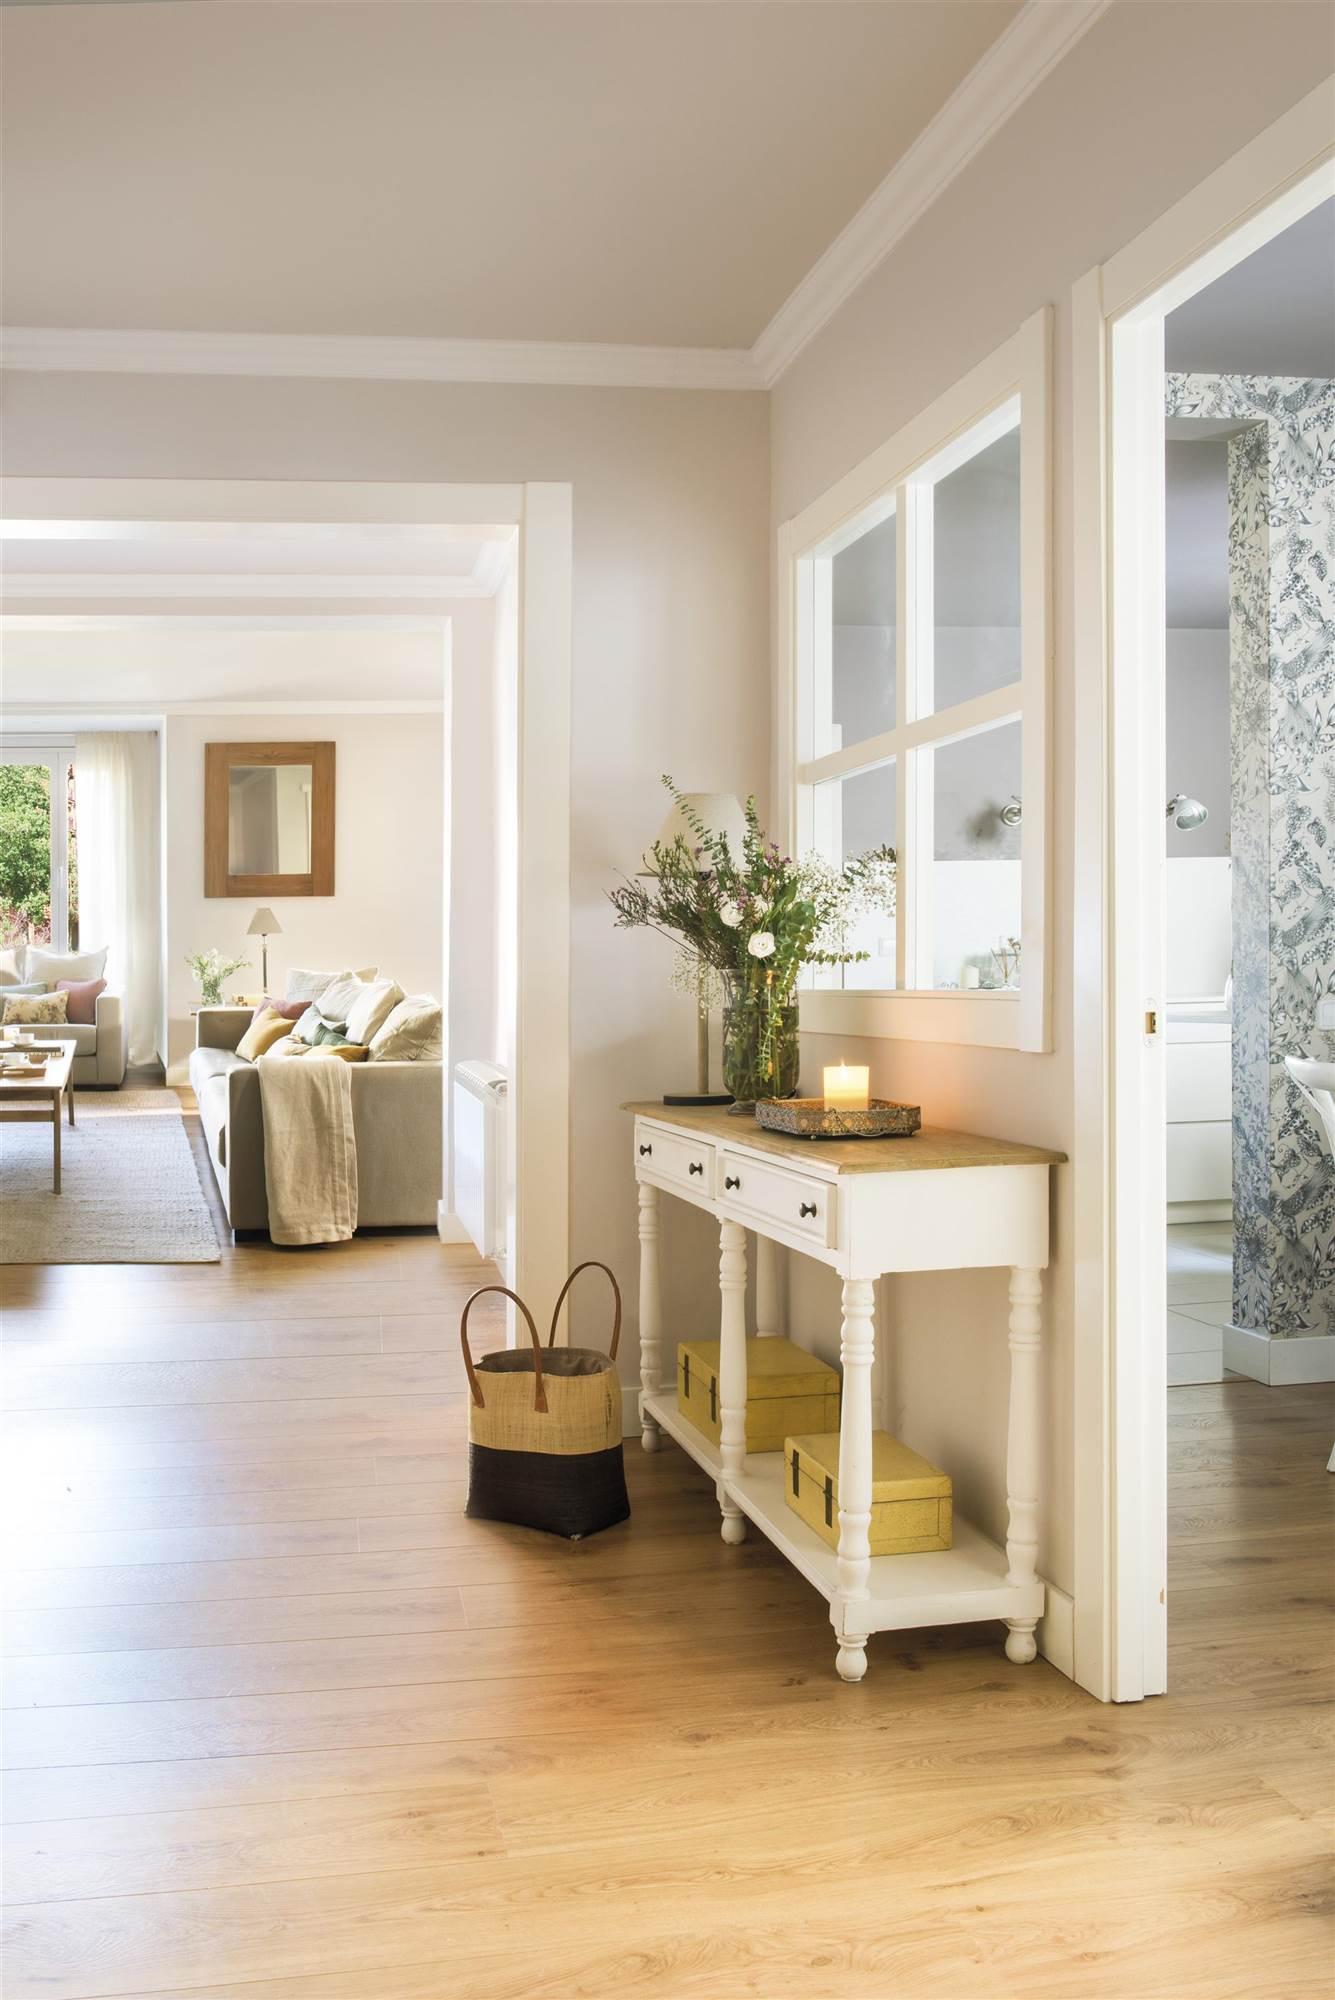 Zapateros maison du monde best finest muy original y diferente me ha parecido este modelo que - Banak importa recibidores ...